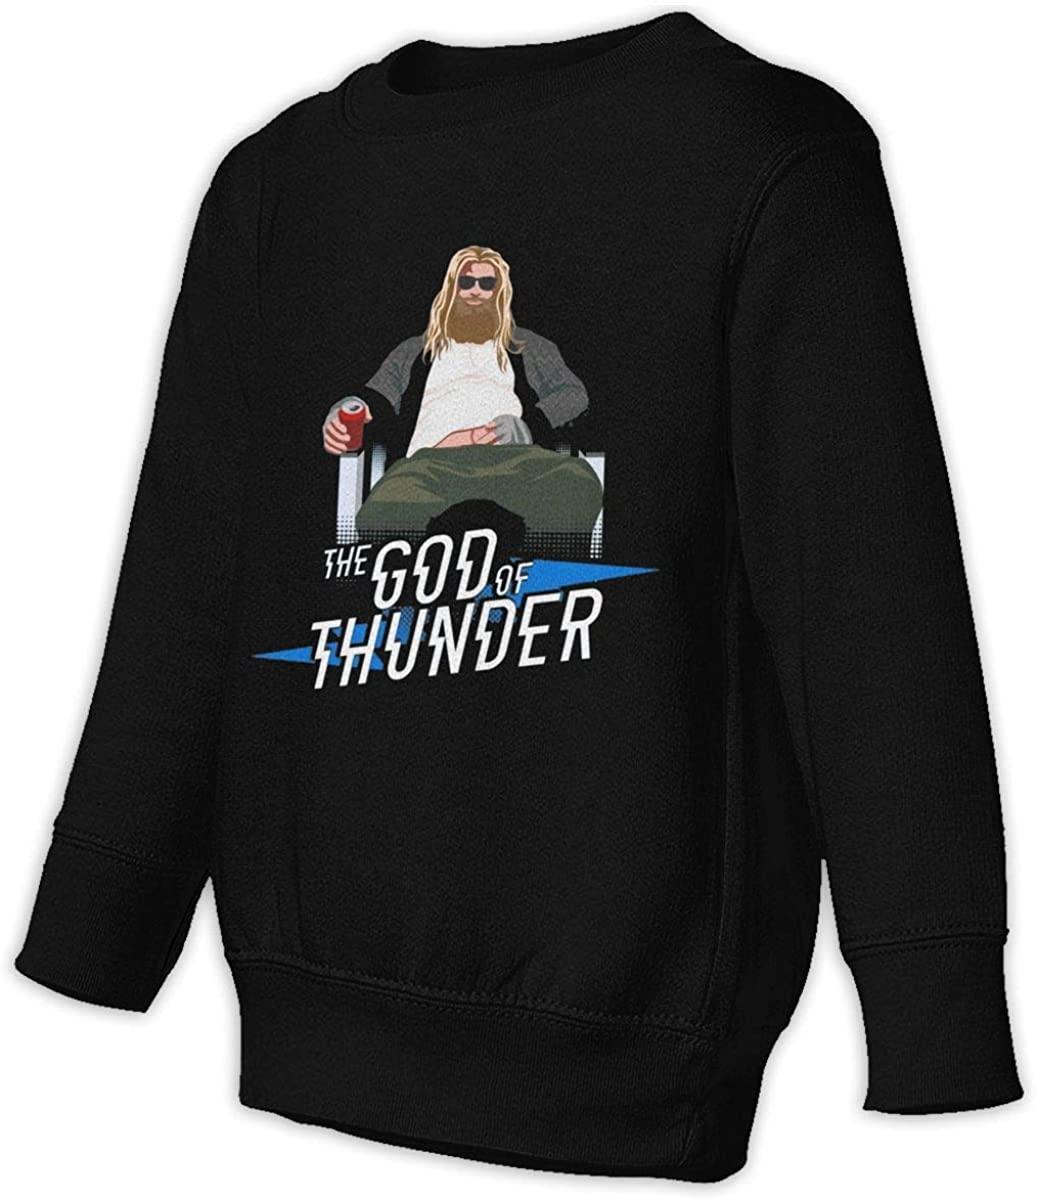 HUABDWA Fat Thor The God of Thunder Abides Unisex Sweatshirt Youth Boy and Girls Pullover Sweatshirt Black